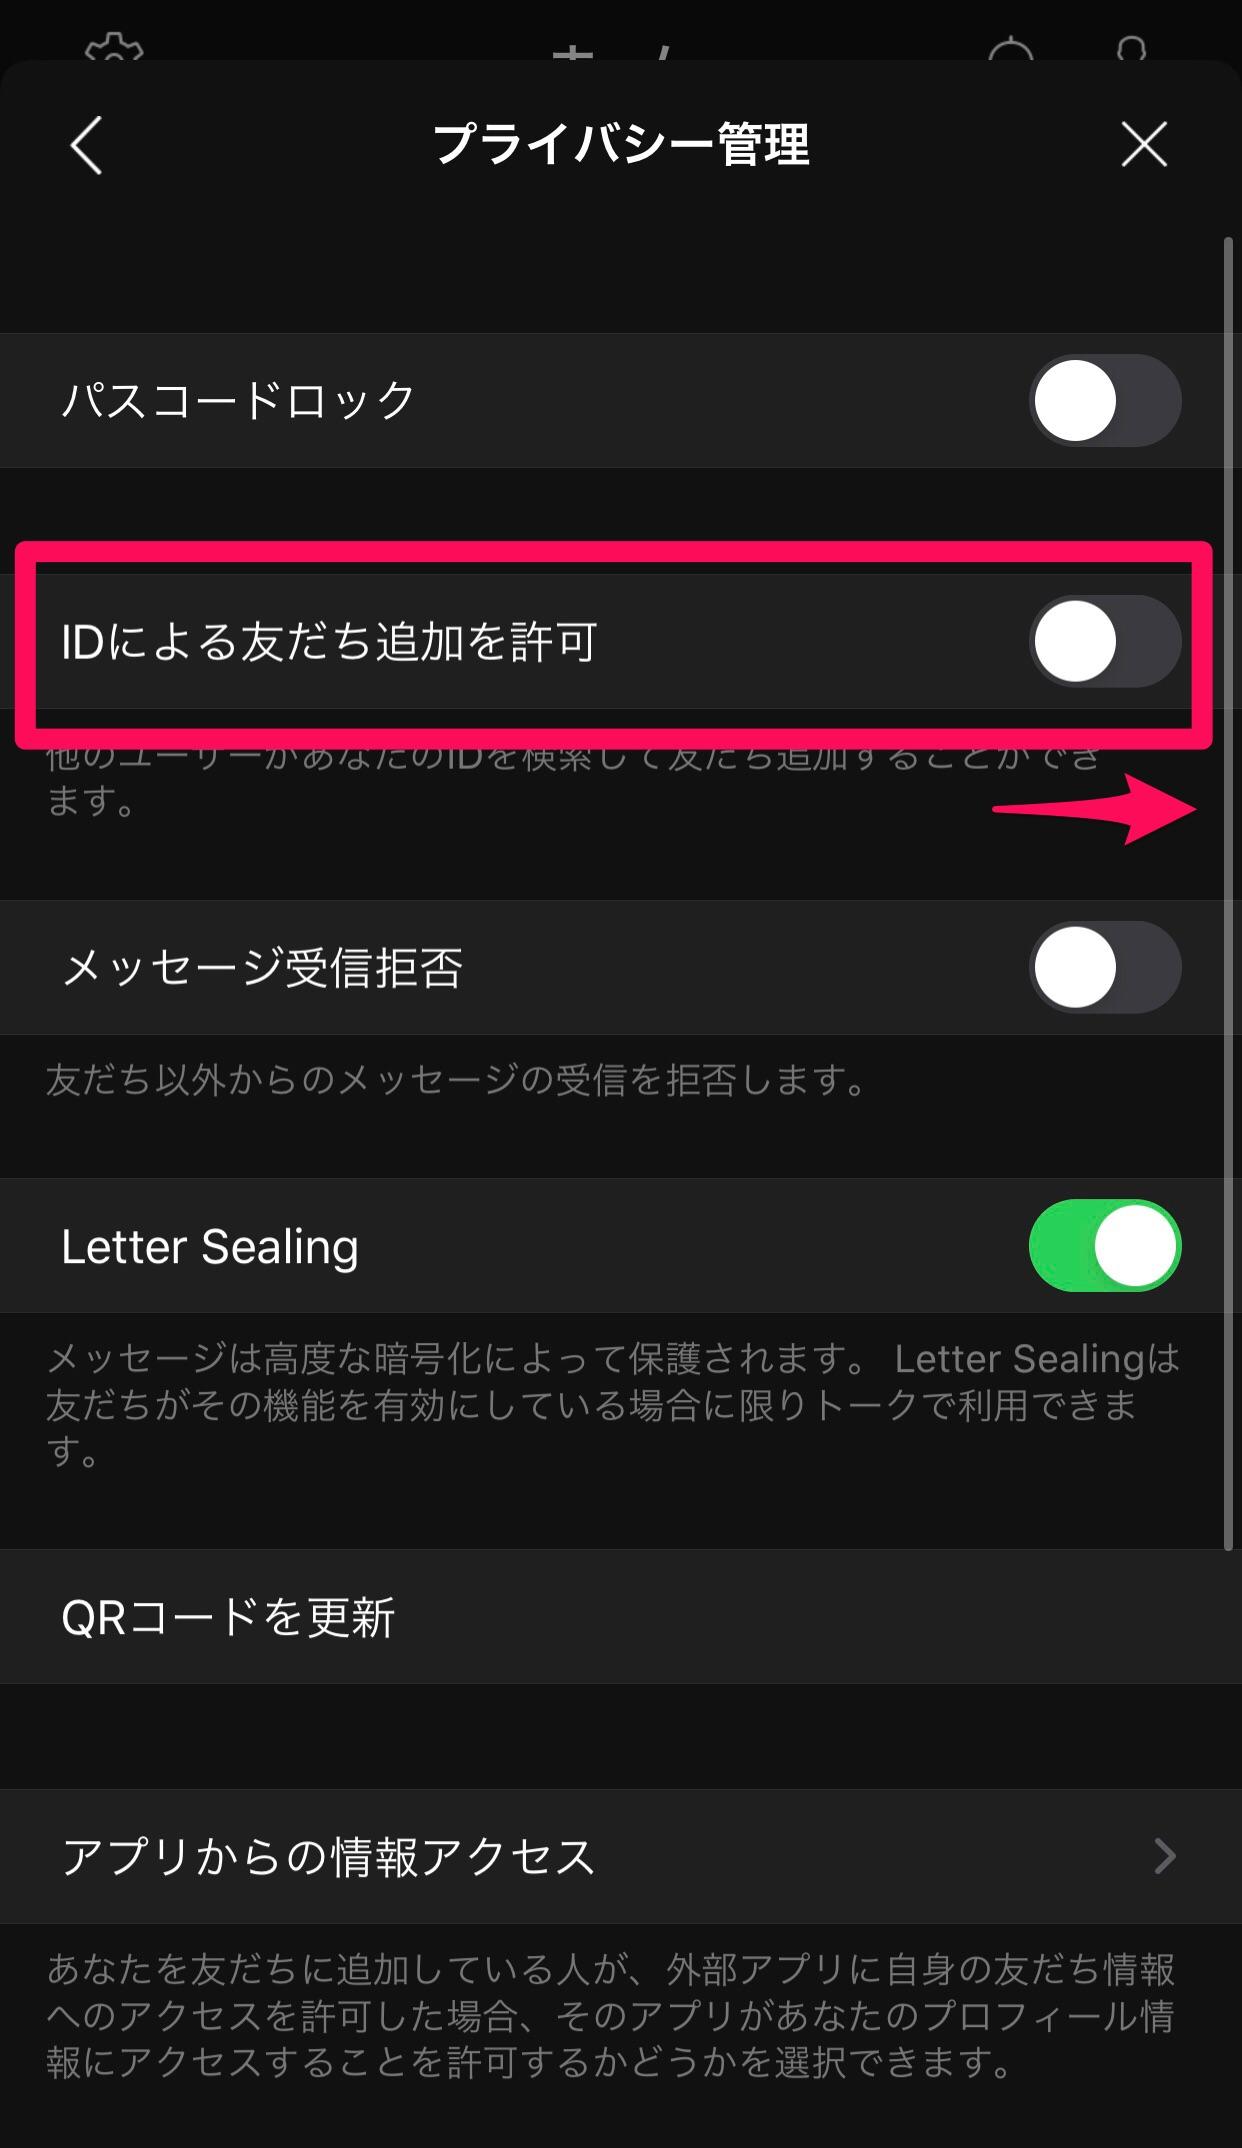 友だち検索6